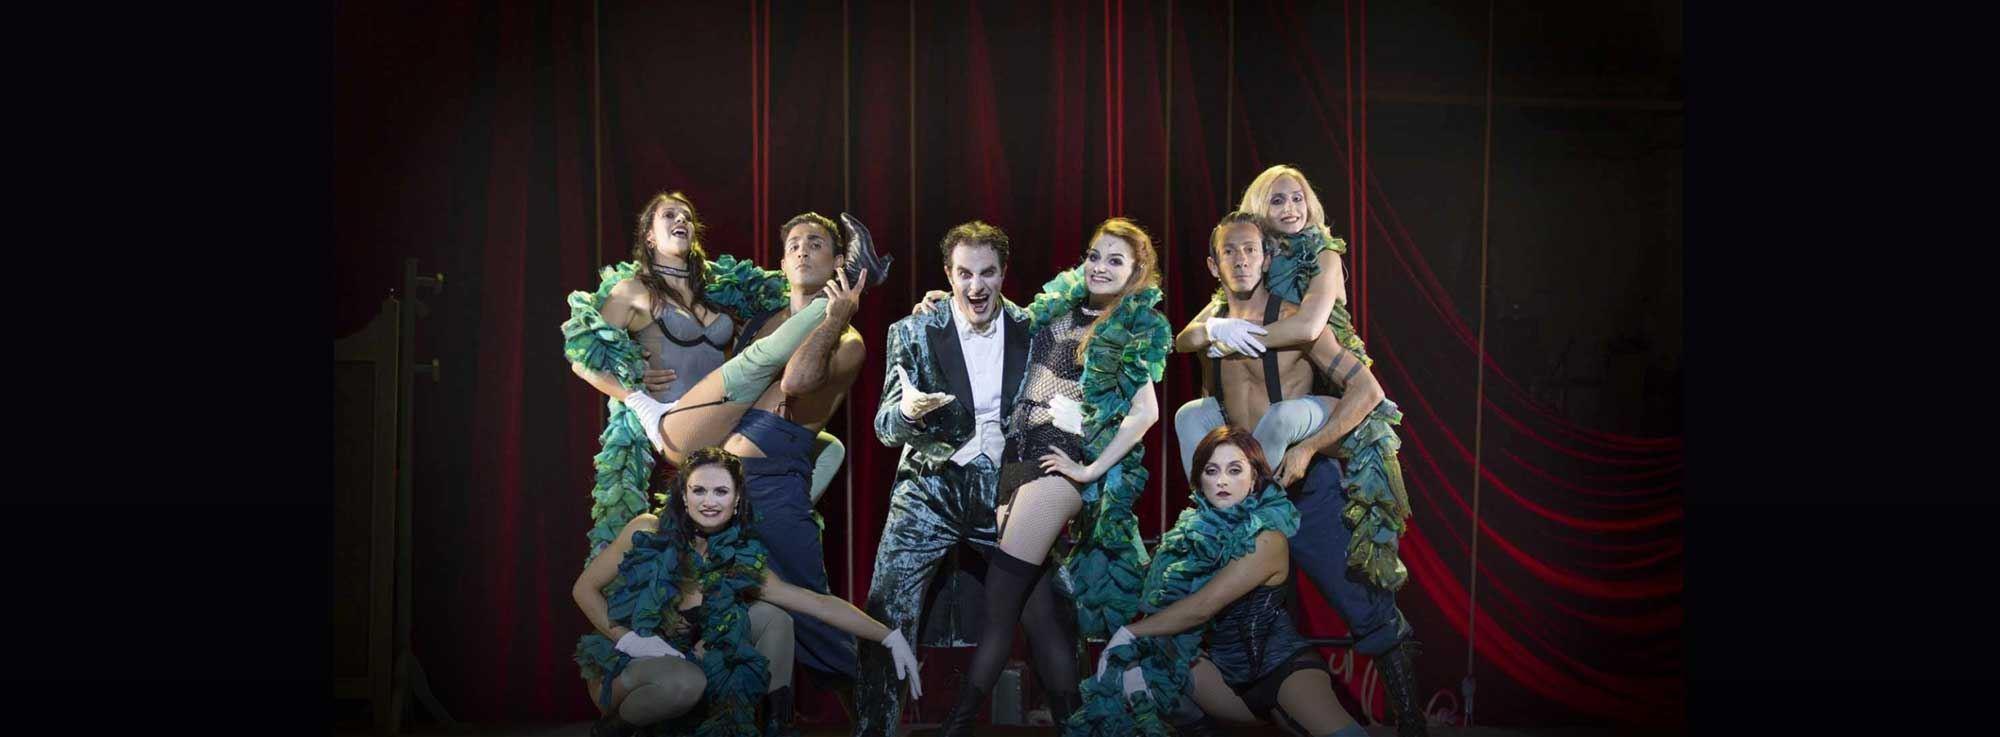 Barletta e Bari: Cabaret il Musical